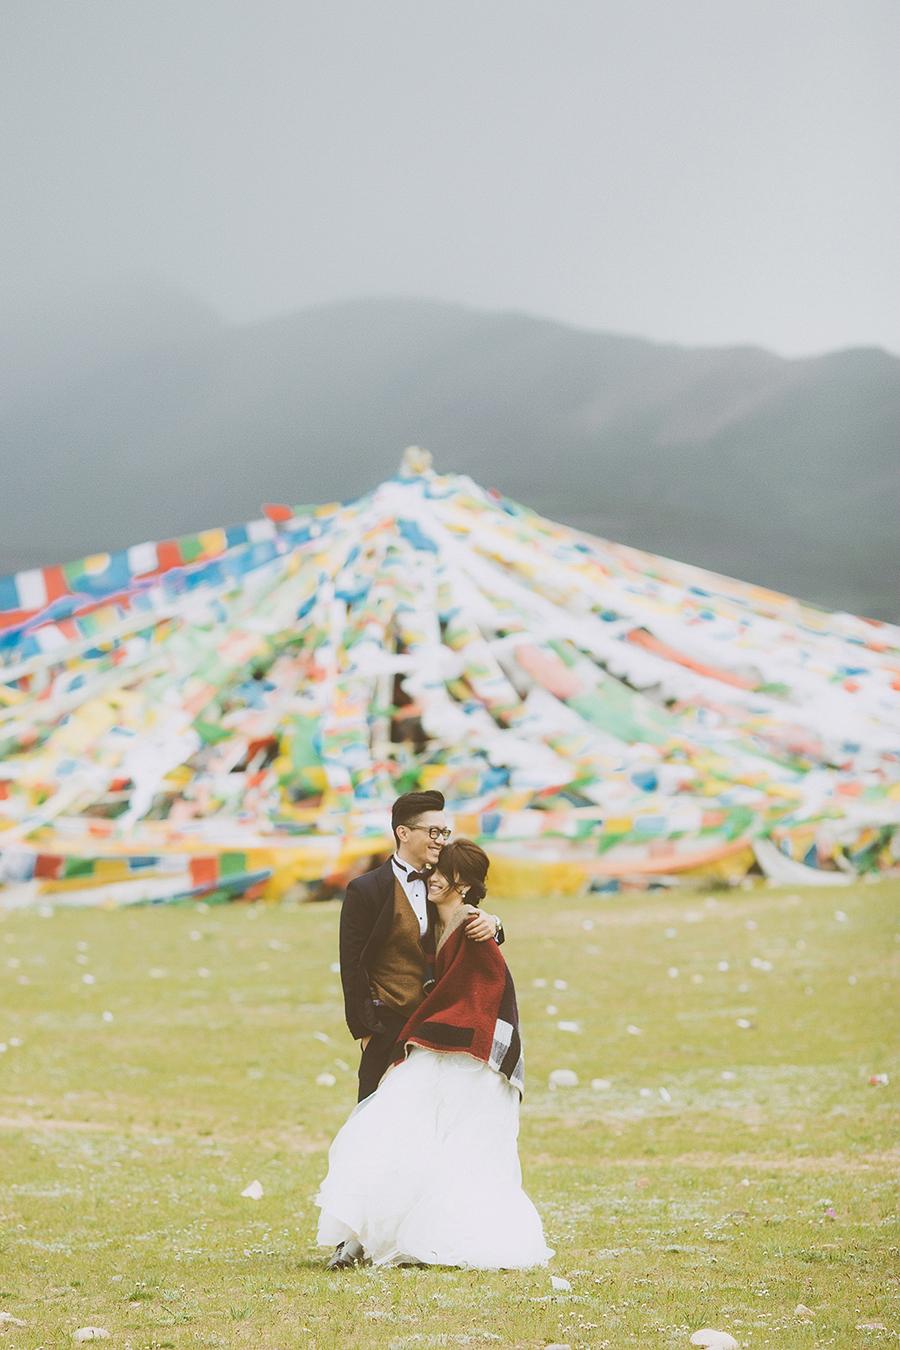 nickchang_fineart_tibet-4